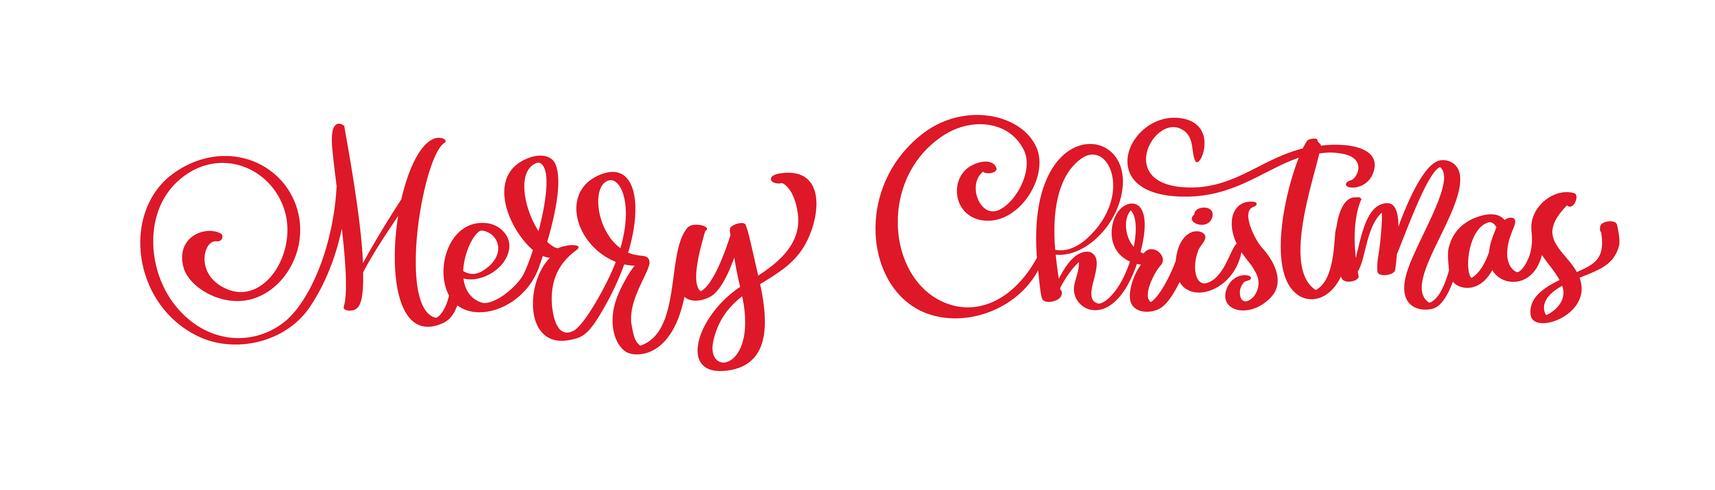 texto feliz Natal mão escrita letras de caligrafia. ilustração vetorial artesanal. Tipografia de tinta pincel divertido para sobreposições de foto, impressão de t-shirt, panfleto, design de cartaz vetor